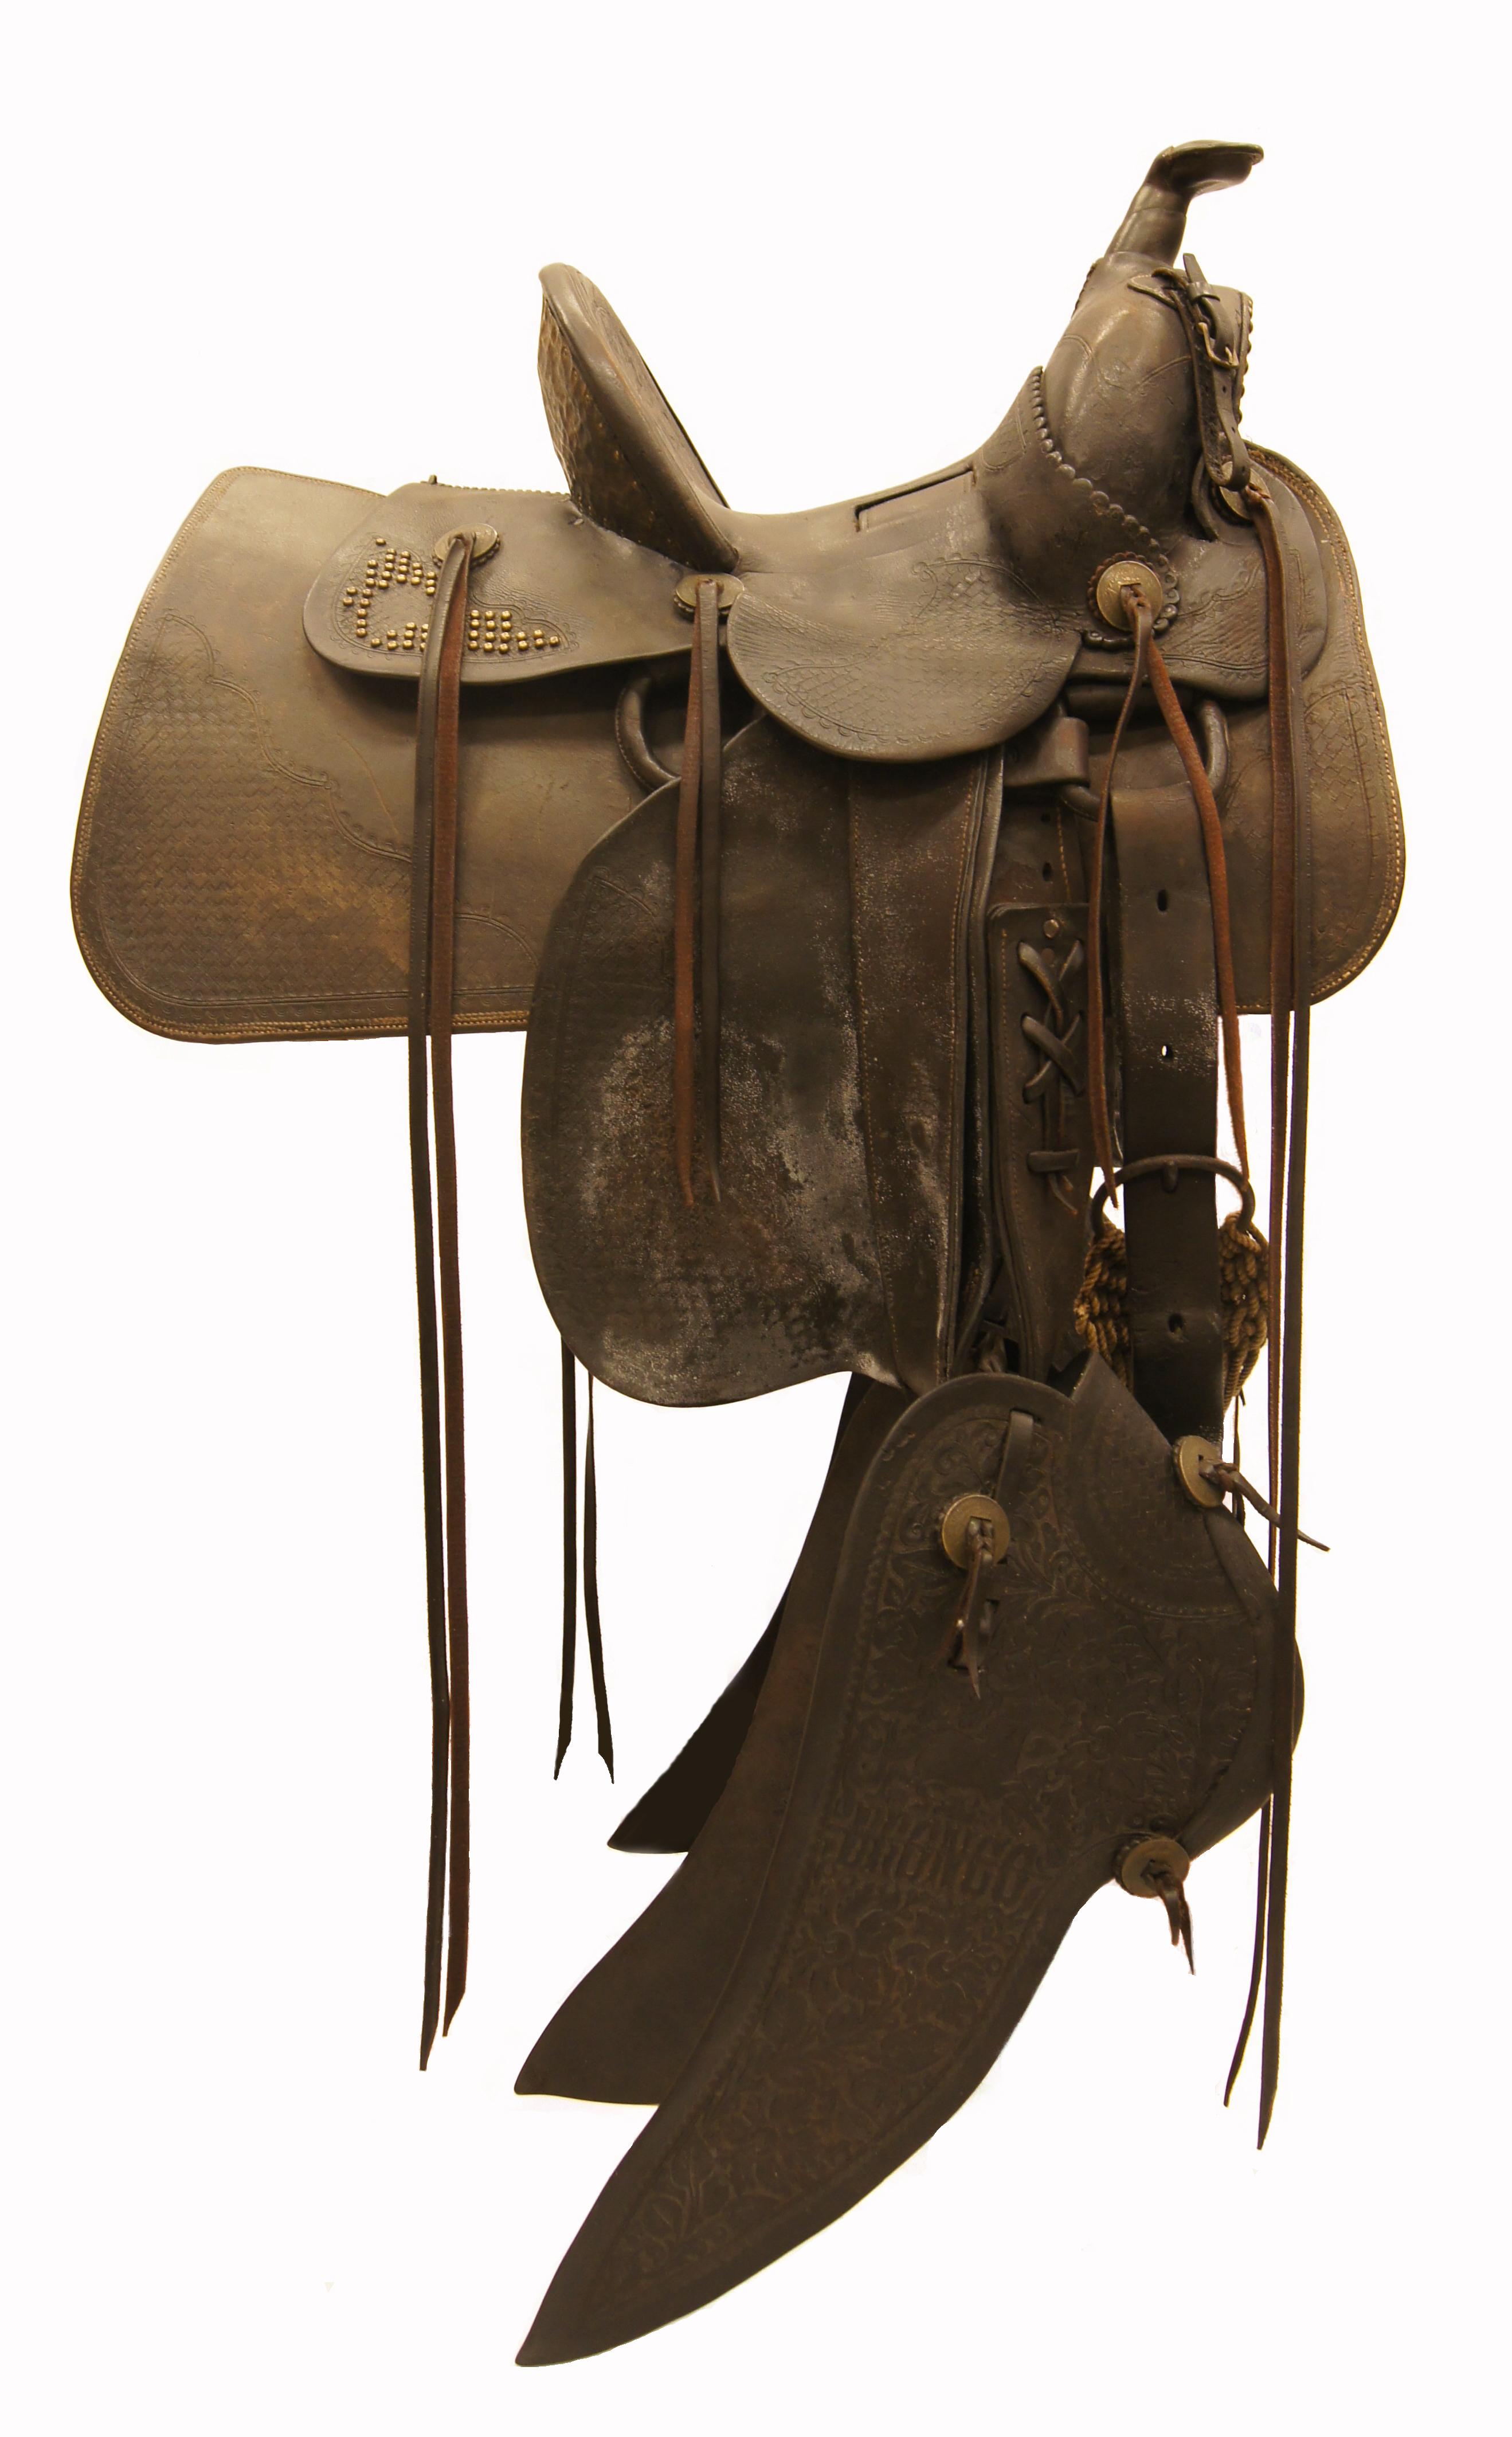 Parr saddle